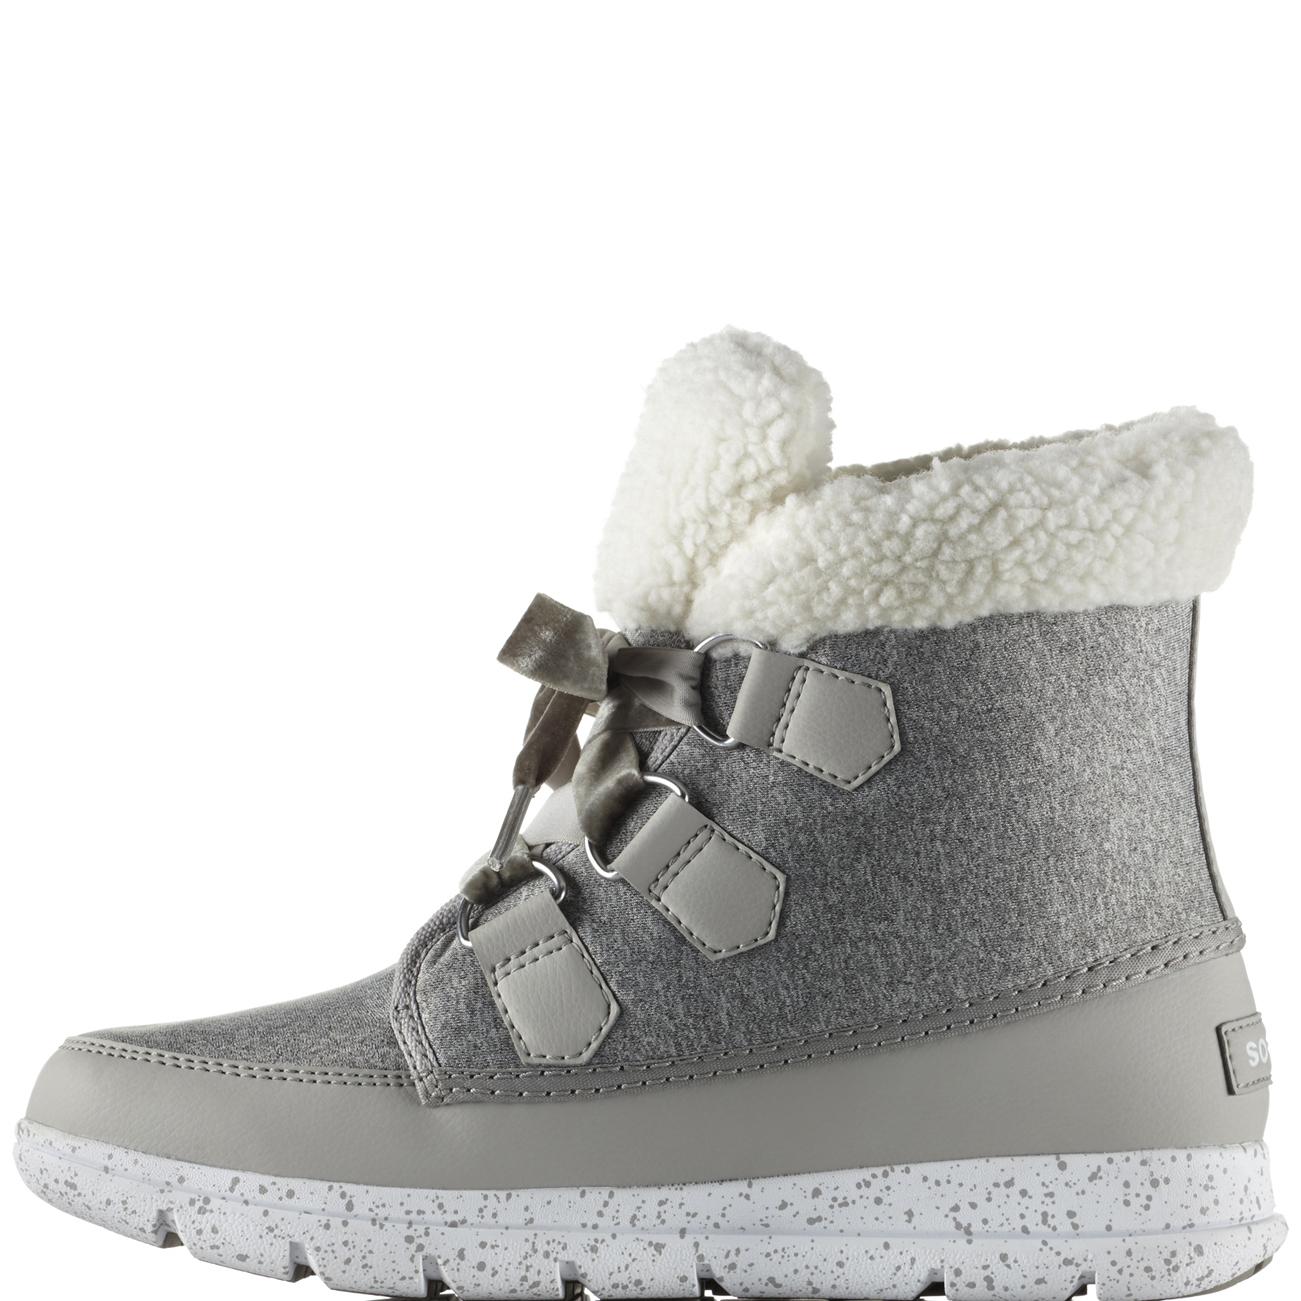 Damenschuhe Sorel Explorer Carnival Waterproof Stiefel Nylon Winter Fleece Ankle Stiefel Waterproof UK 3-9 52c5f7